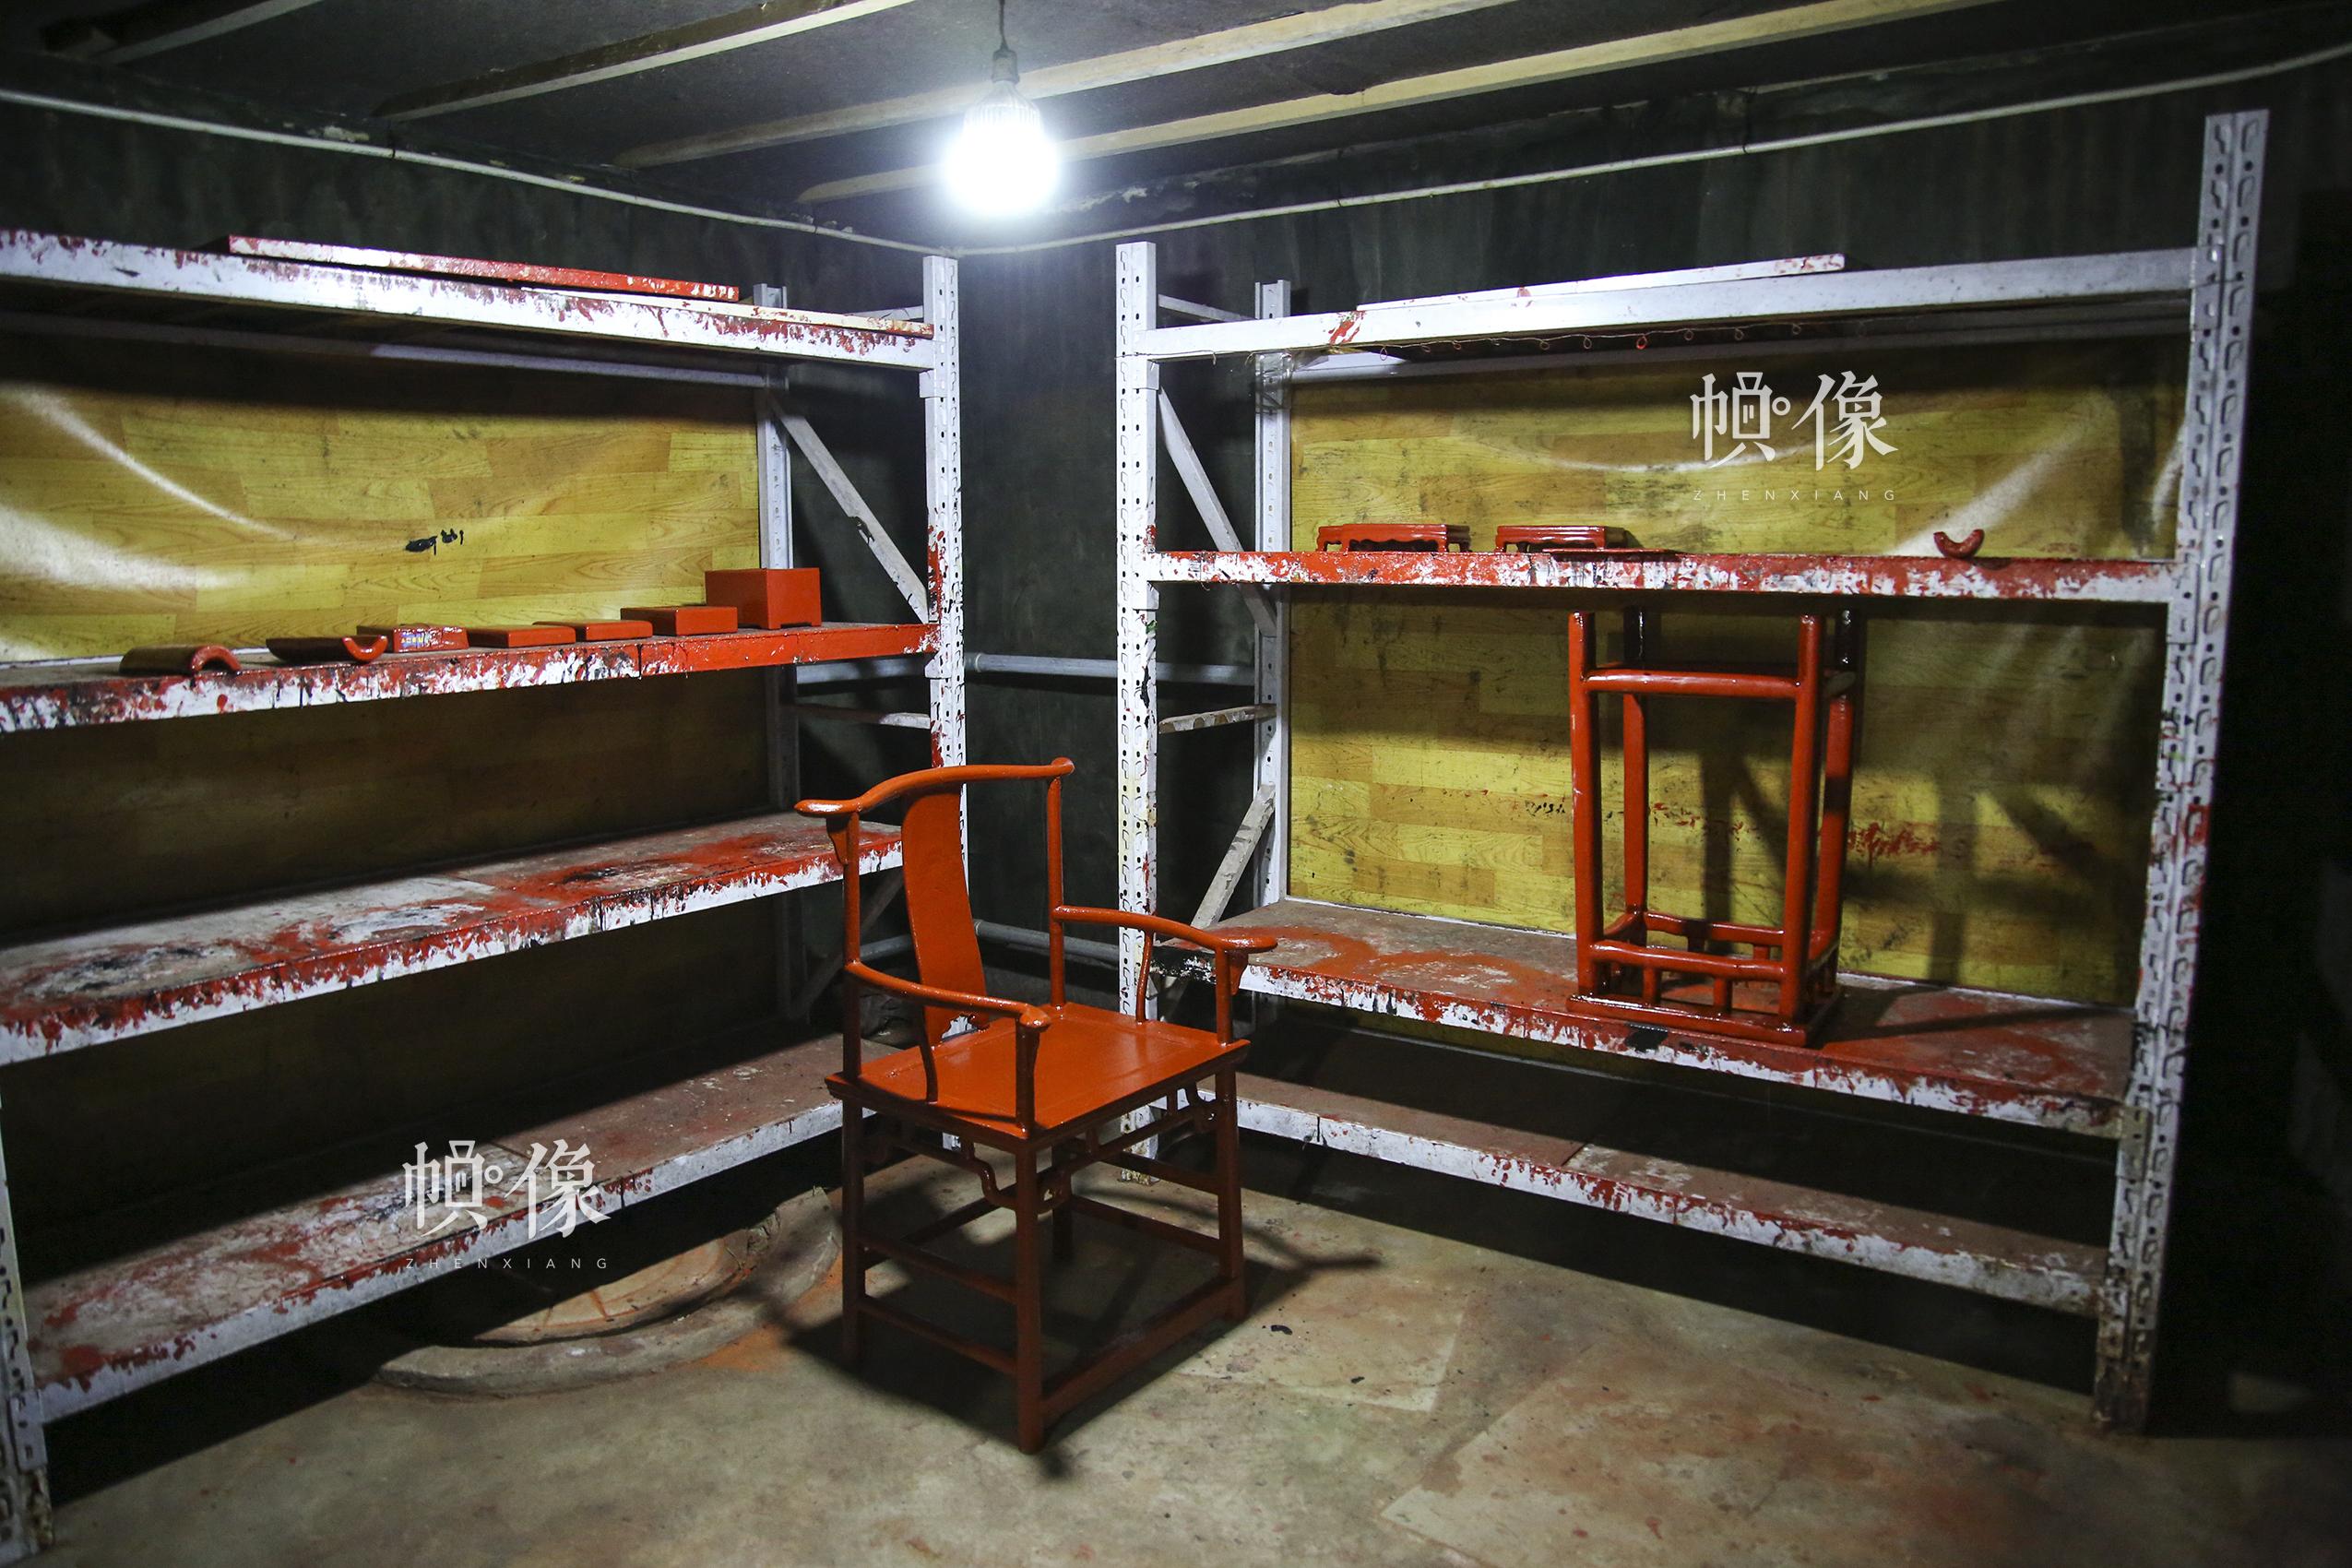 """2017年9月20日,""""明古斋""""雕漆工厂车间,杨之新和同事将上漆后的椅子放在窨房里。中国网记者 黄富友 摄"""